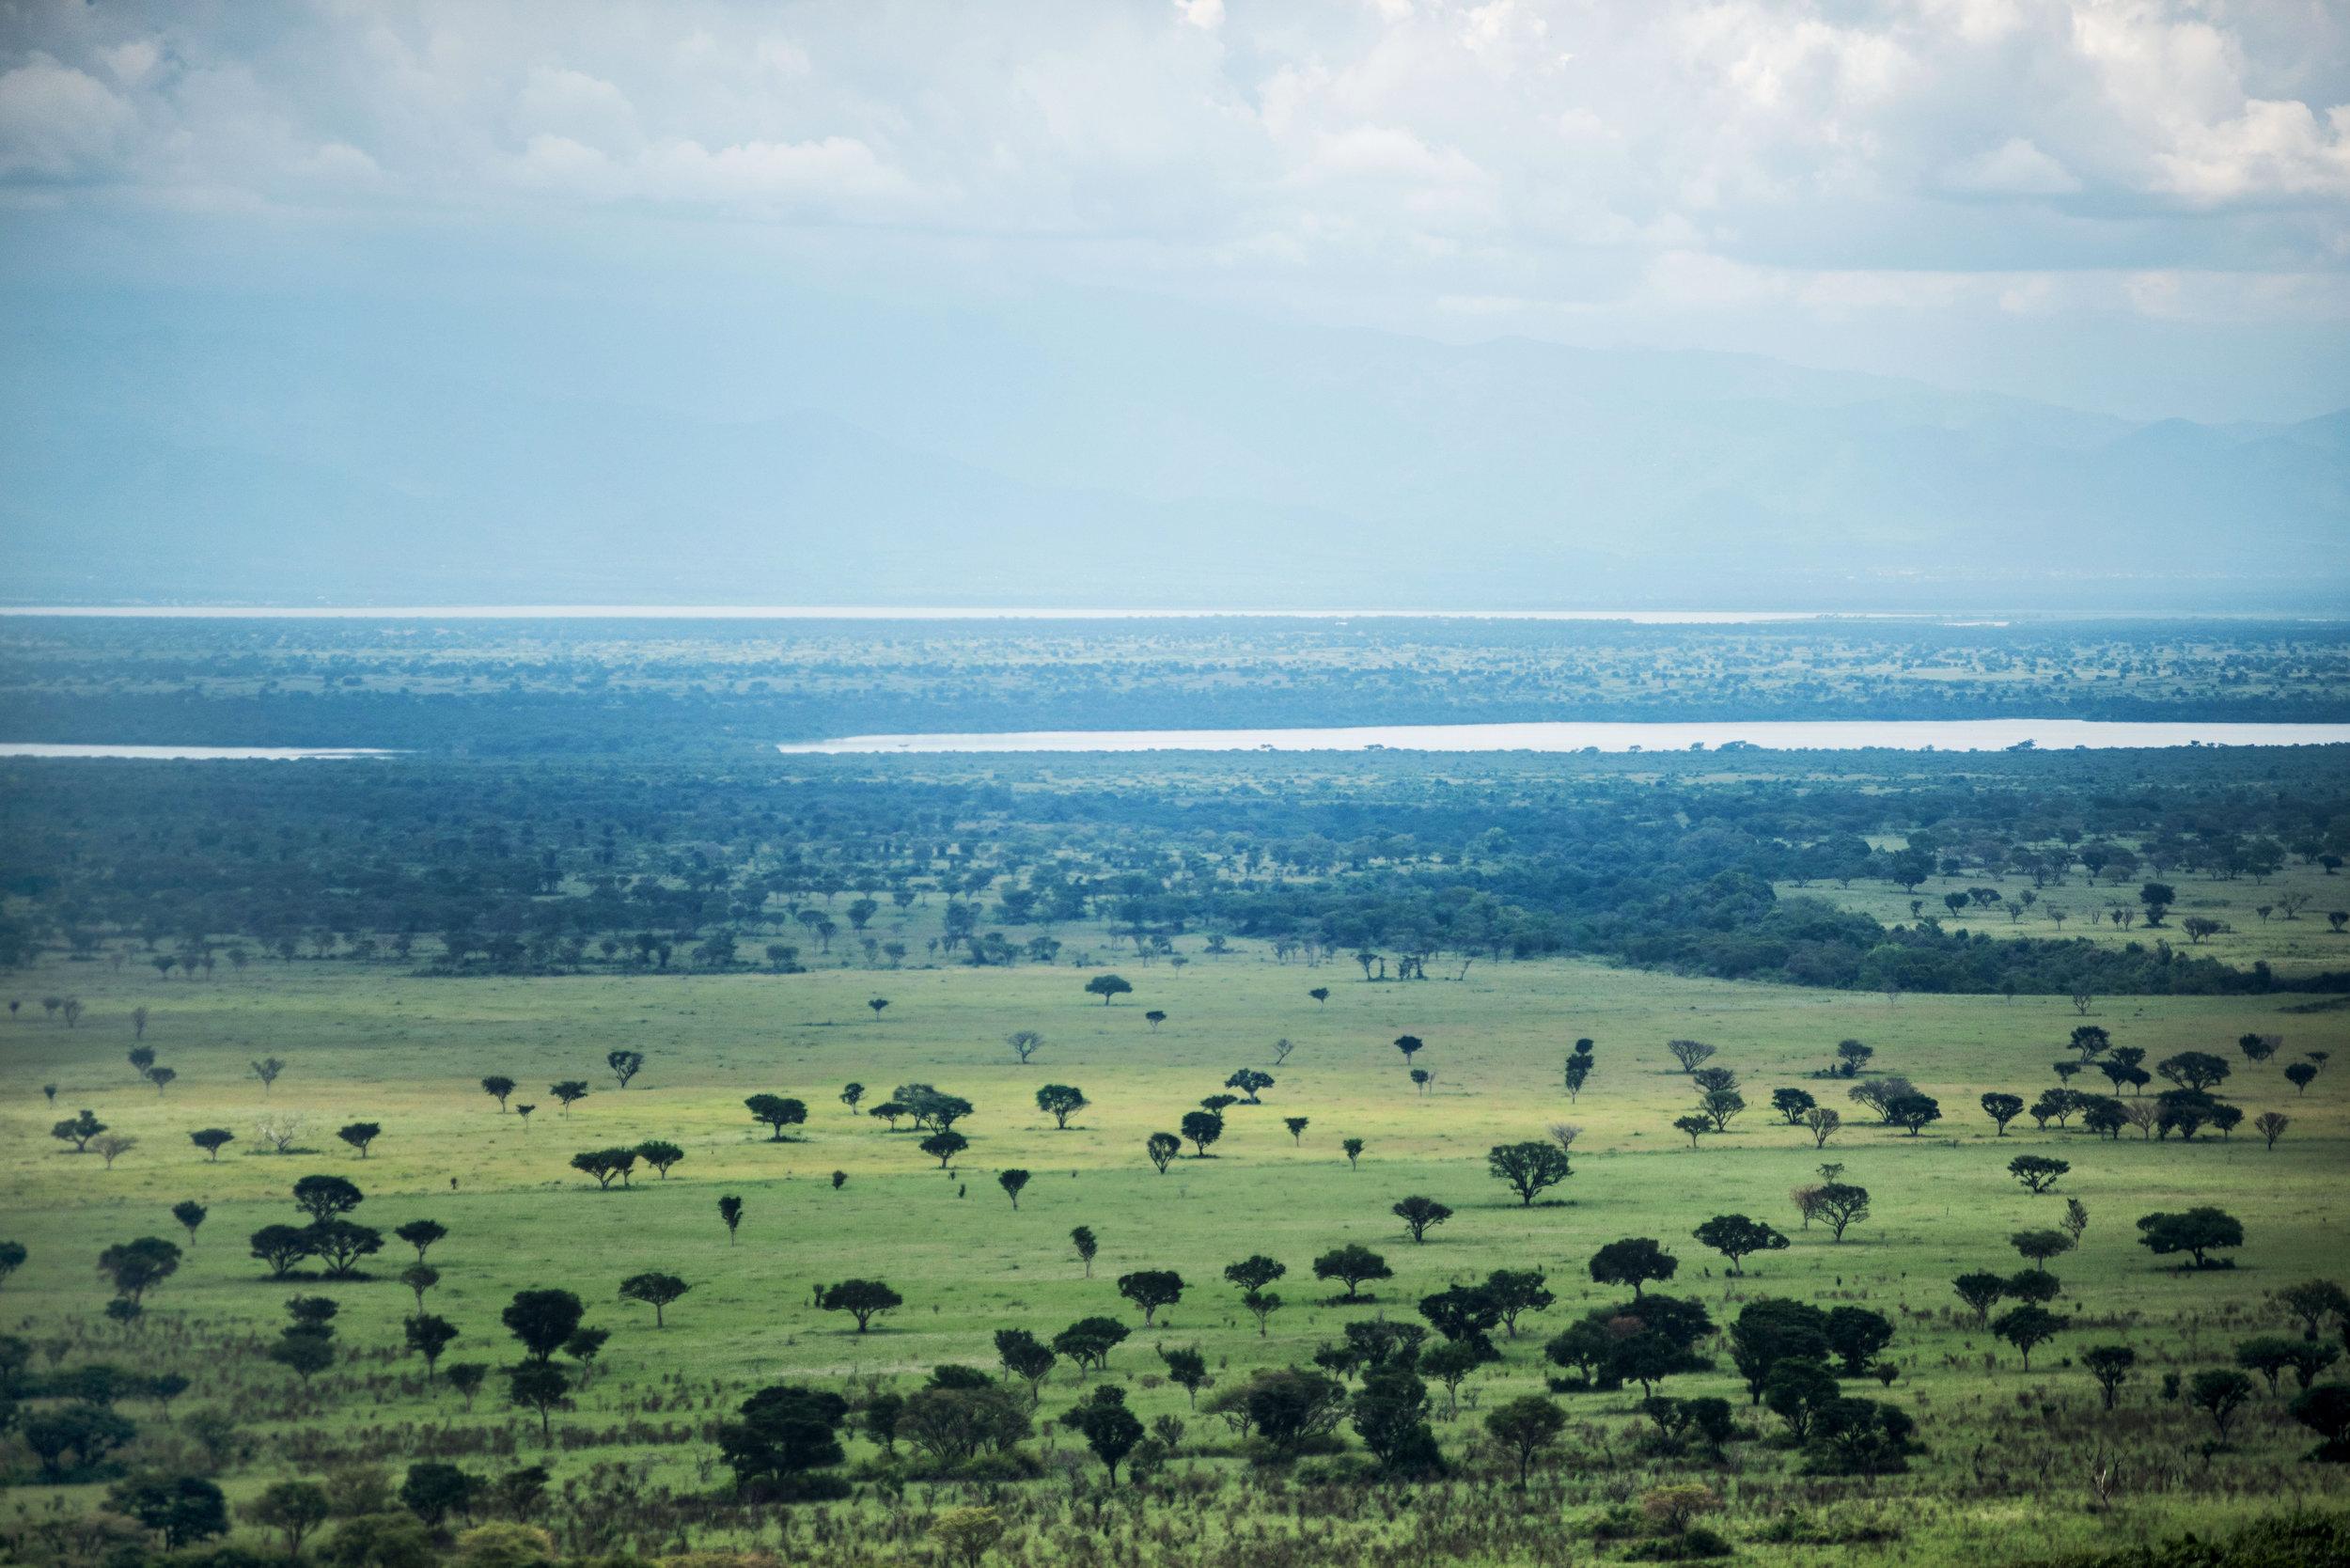 Kyambura_Queen+Elizabeth+National+Park.jpg